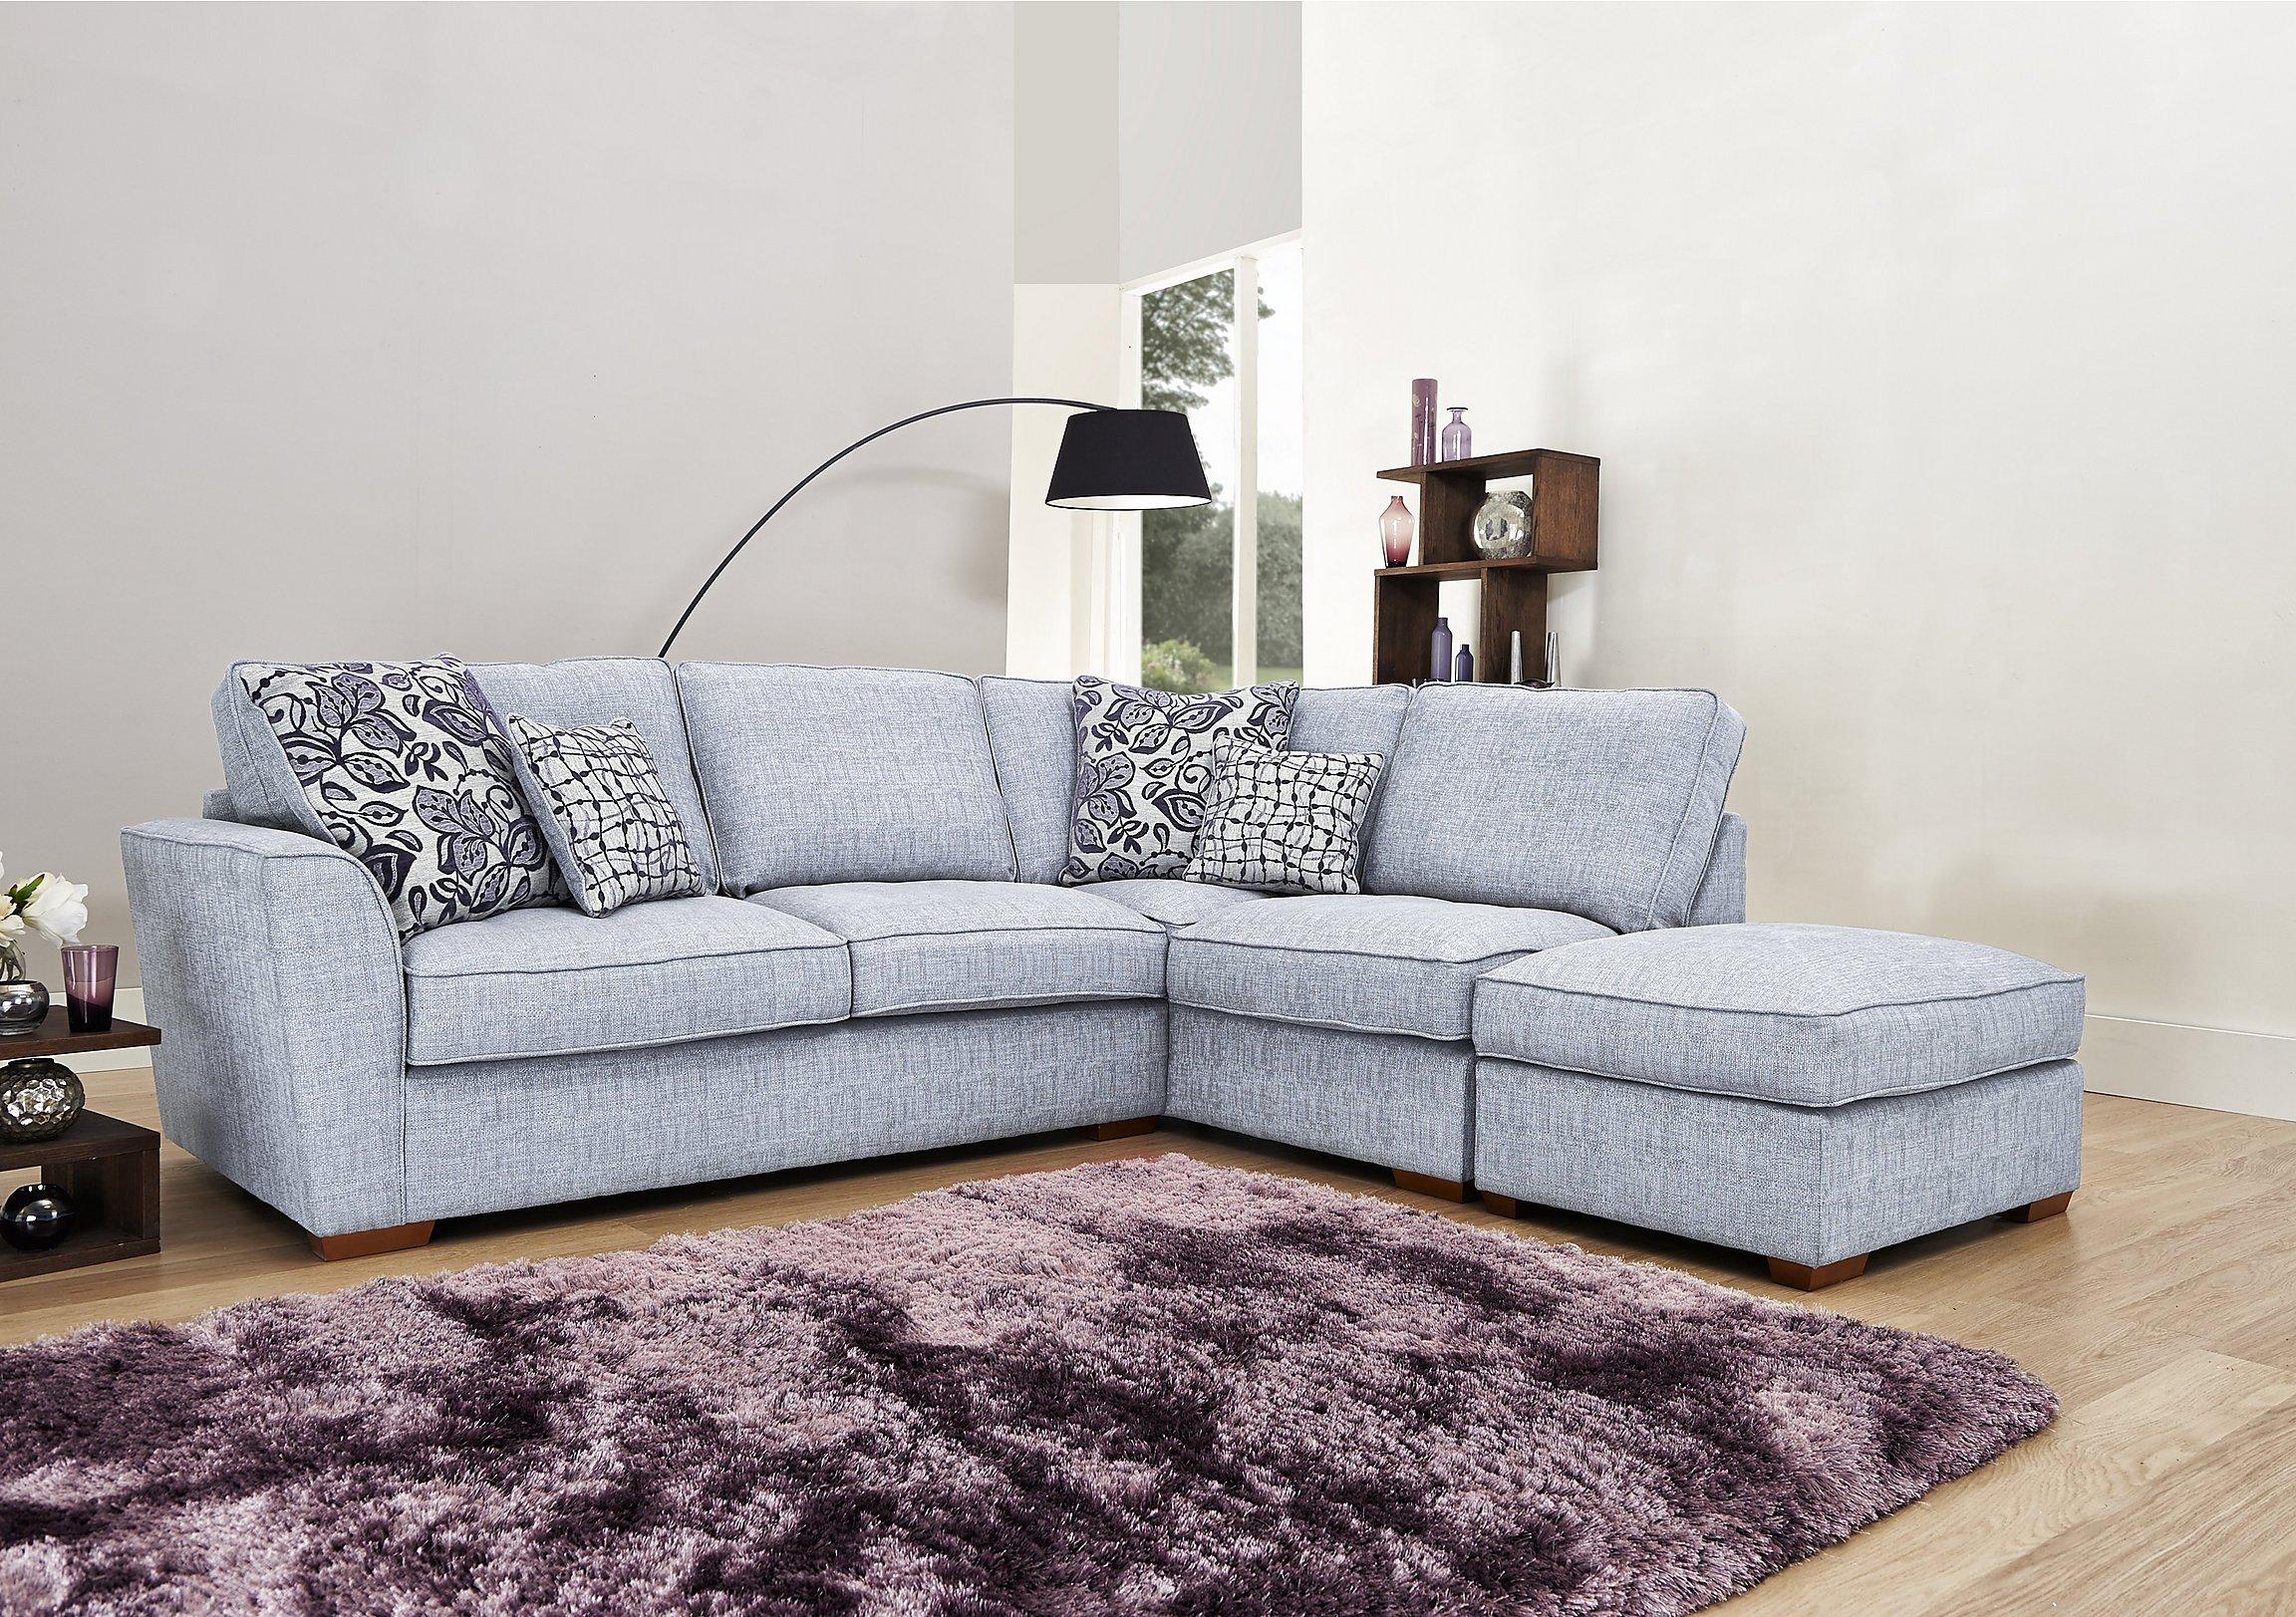 Furniture village fable corner sofa for Furniture village